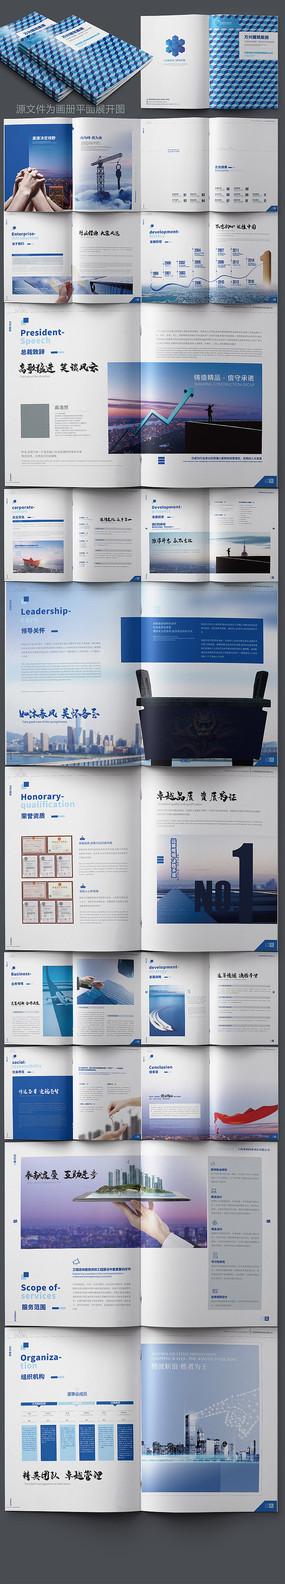 大气高端建筑工程画册设计